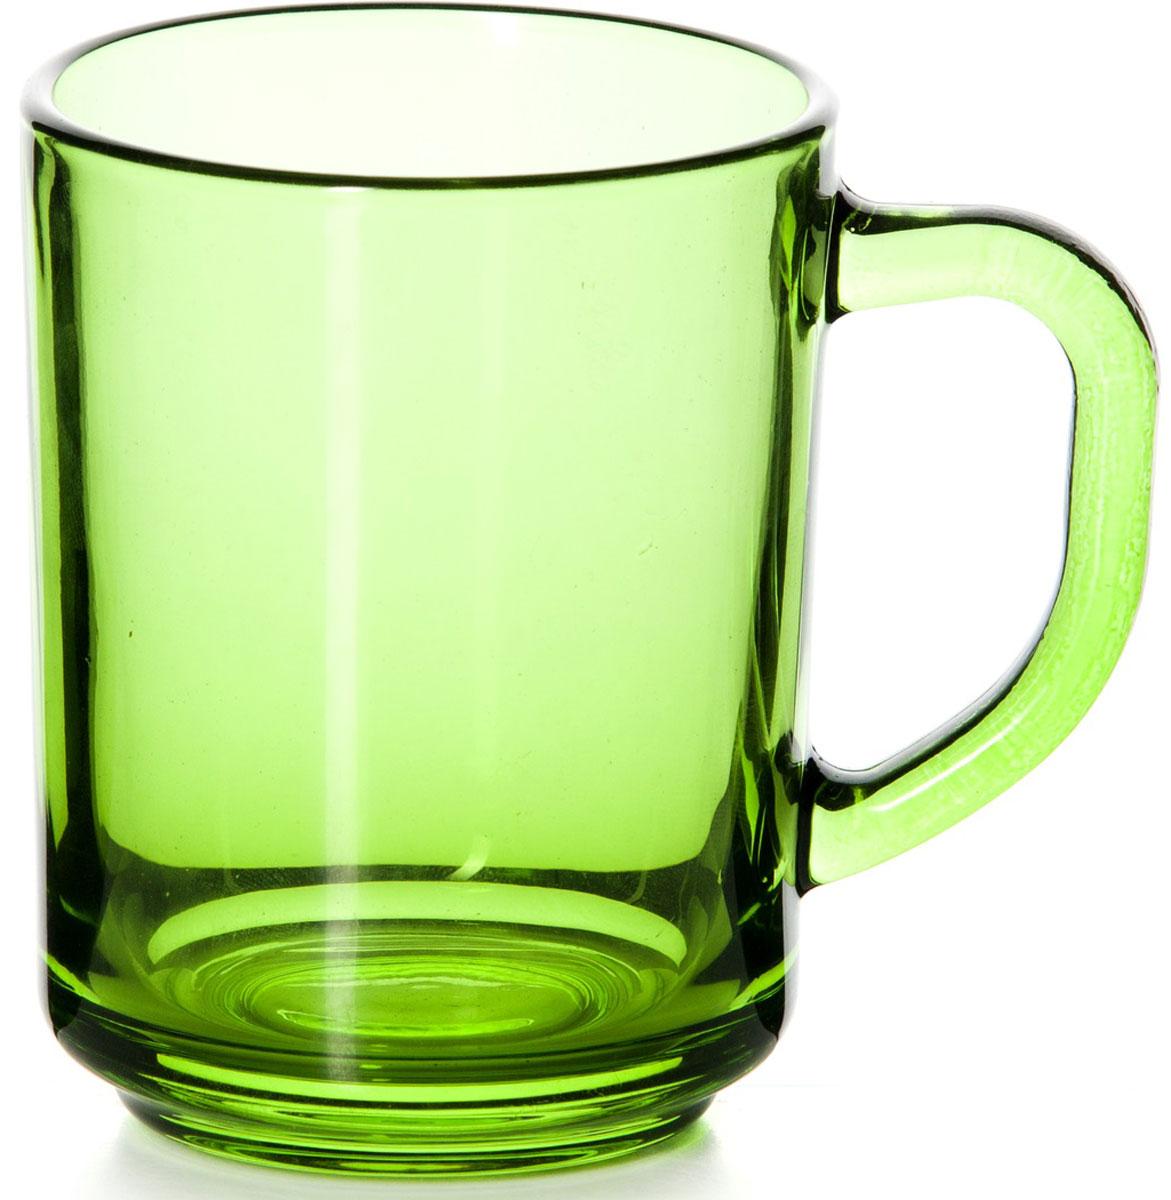 Кружка Pasabahce Энжой Грин, цвет: зеленый, 250 млОБЧ14457958Кружка Pasabahce Энжой Грин изготовлена из прозрачного цветного стекла.Изделие идеально подходит для сервировки стола.Кружка не только украсит ваш кухонныйстол, но и подчеркнет прекрасный вкус хозяйки. Объем кружки: 250 мл.